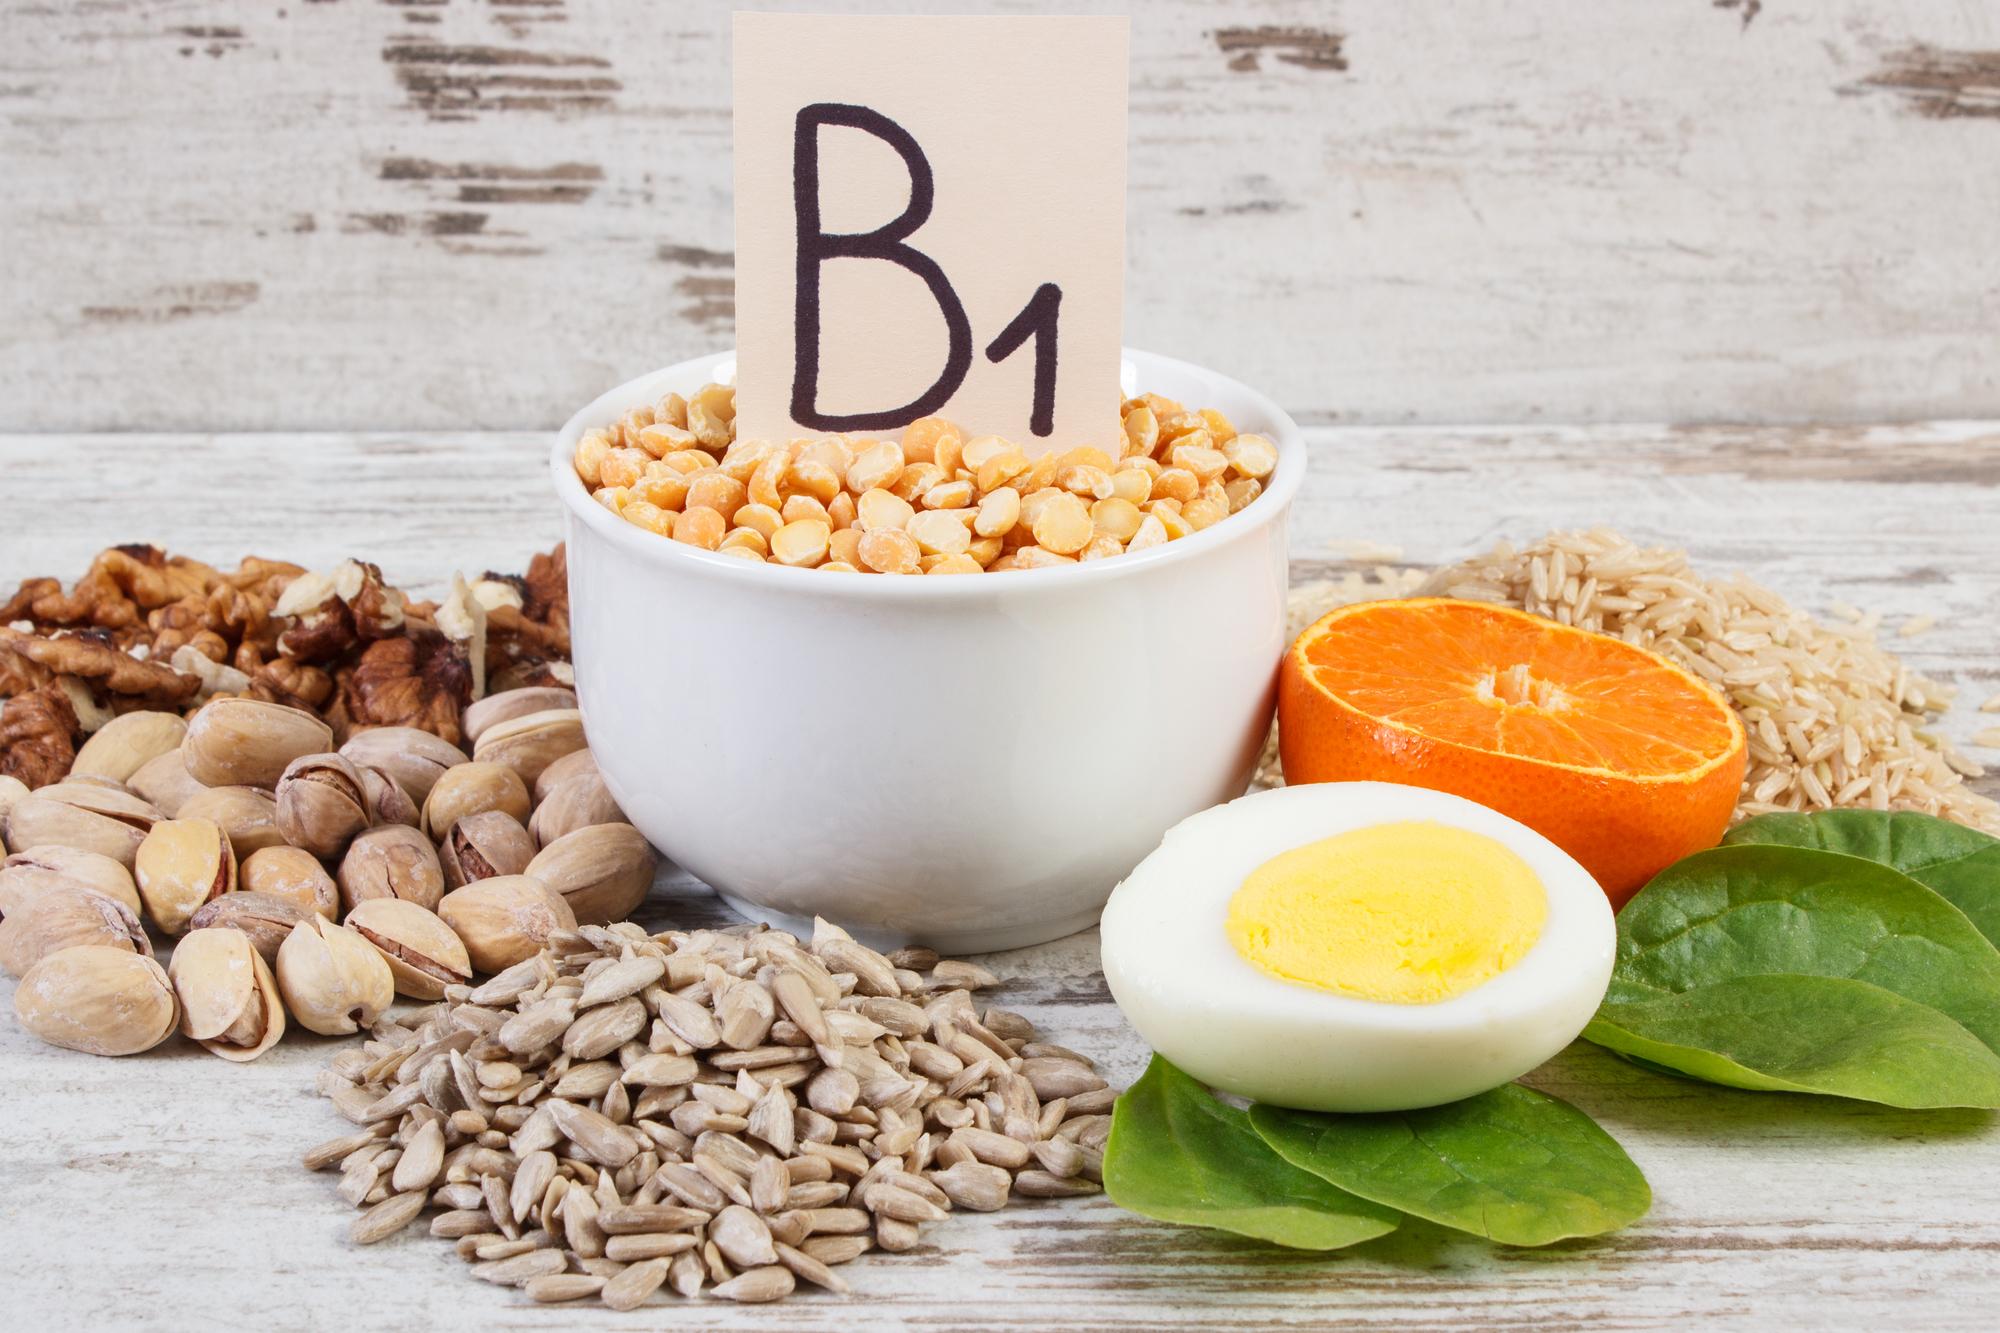 くるみに含まれる栄養素とは?オメガ3や抗酸化物質、ビタミンミネラルが豊富なナッツ!